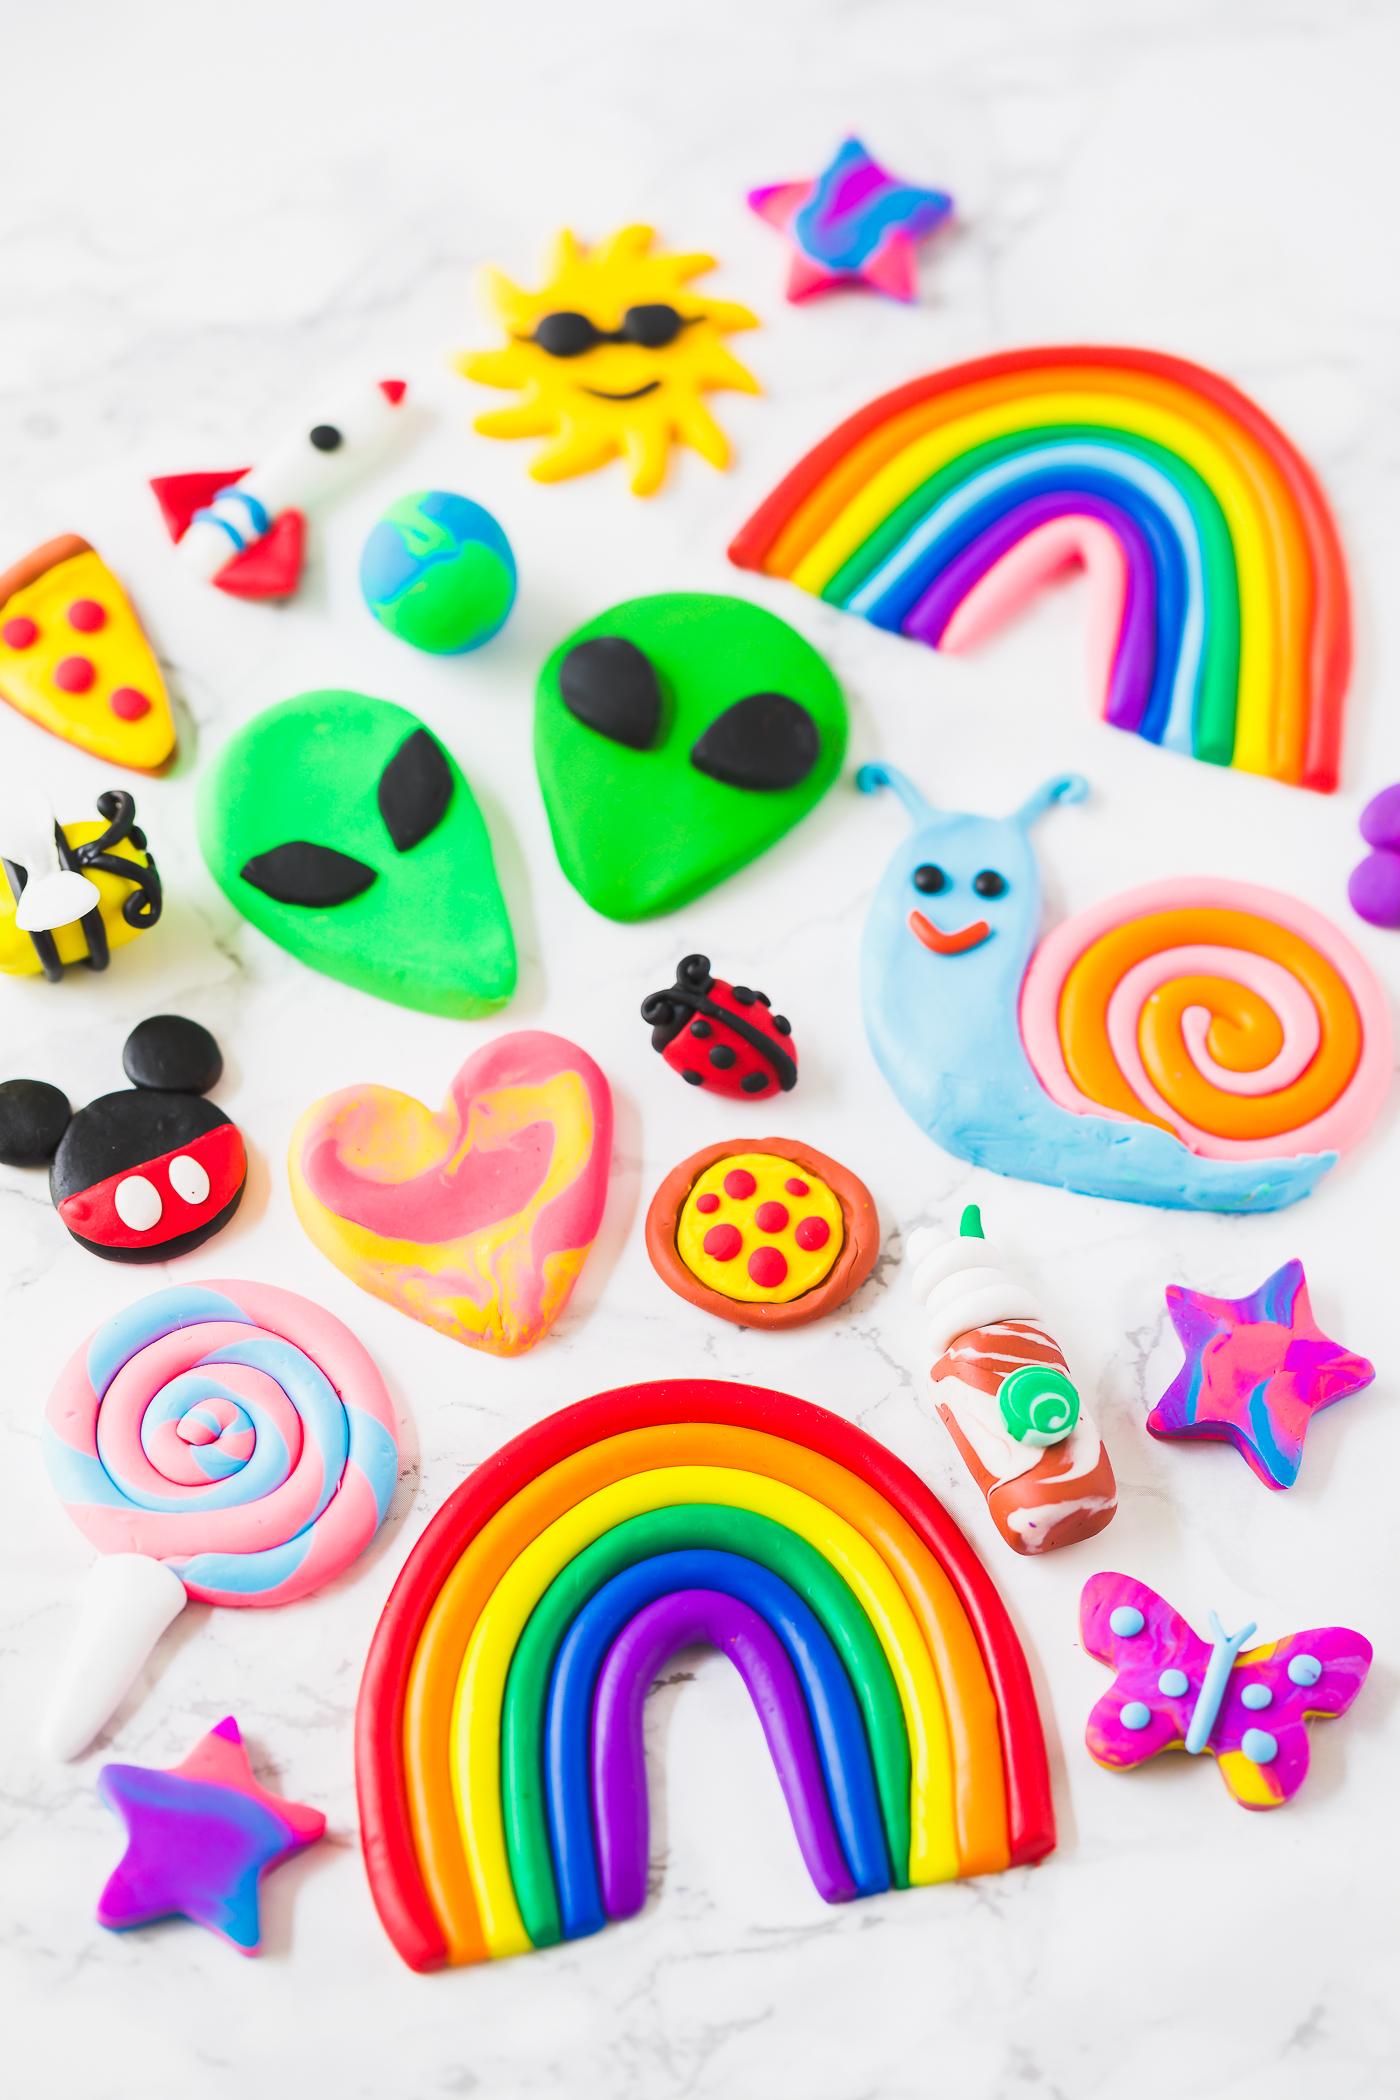 cute kawaii clay designs